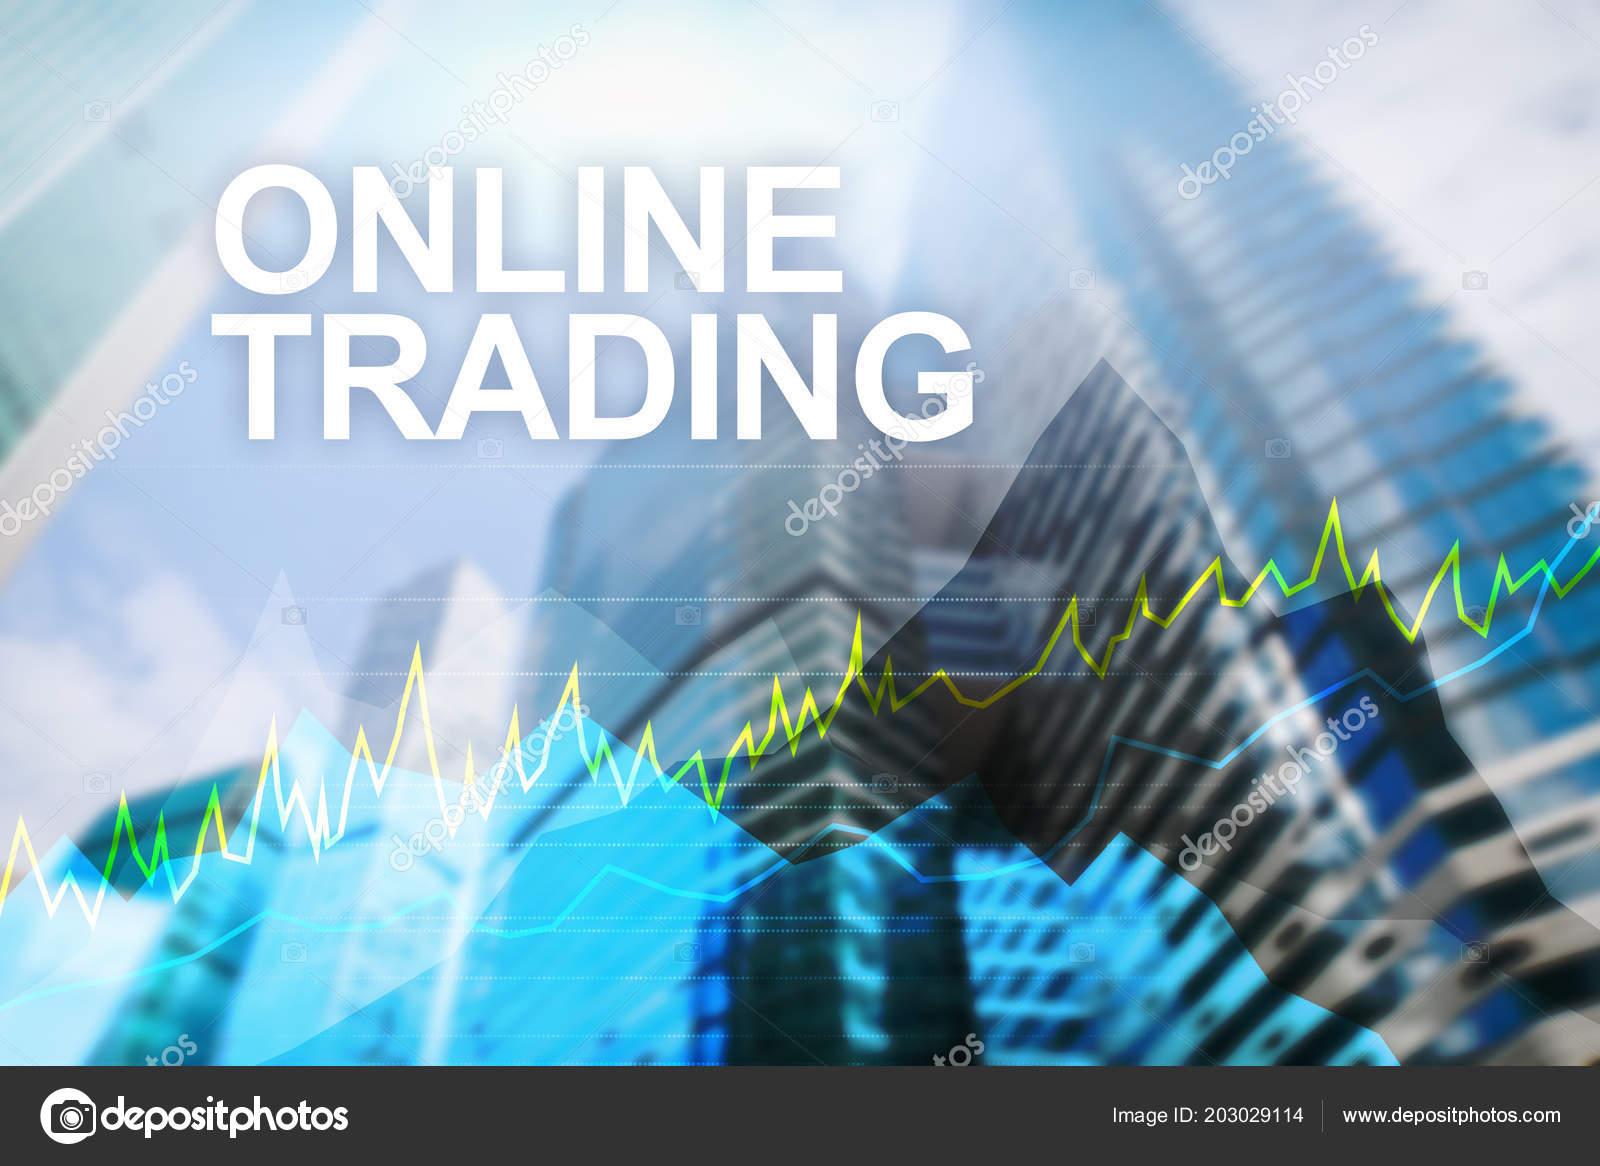 Инвестиции форекс онлайн стрелочный индикатор форекс скачать бесплатно